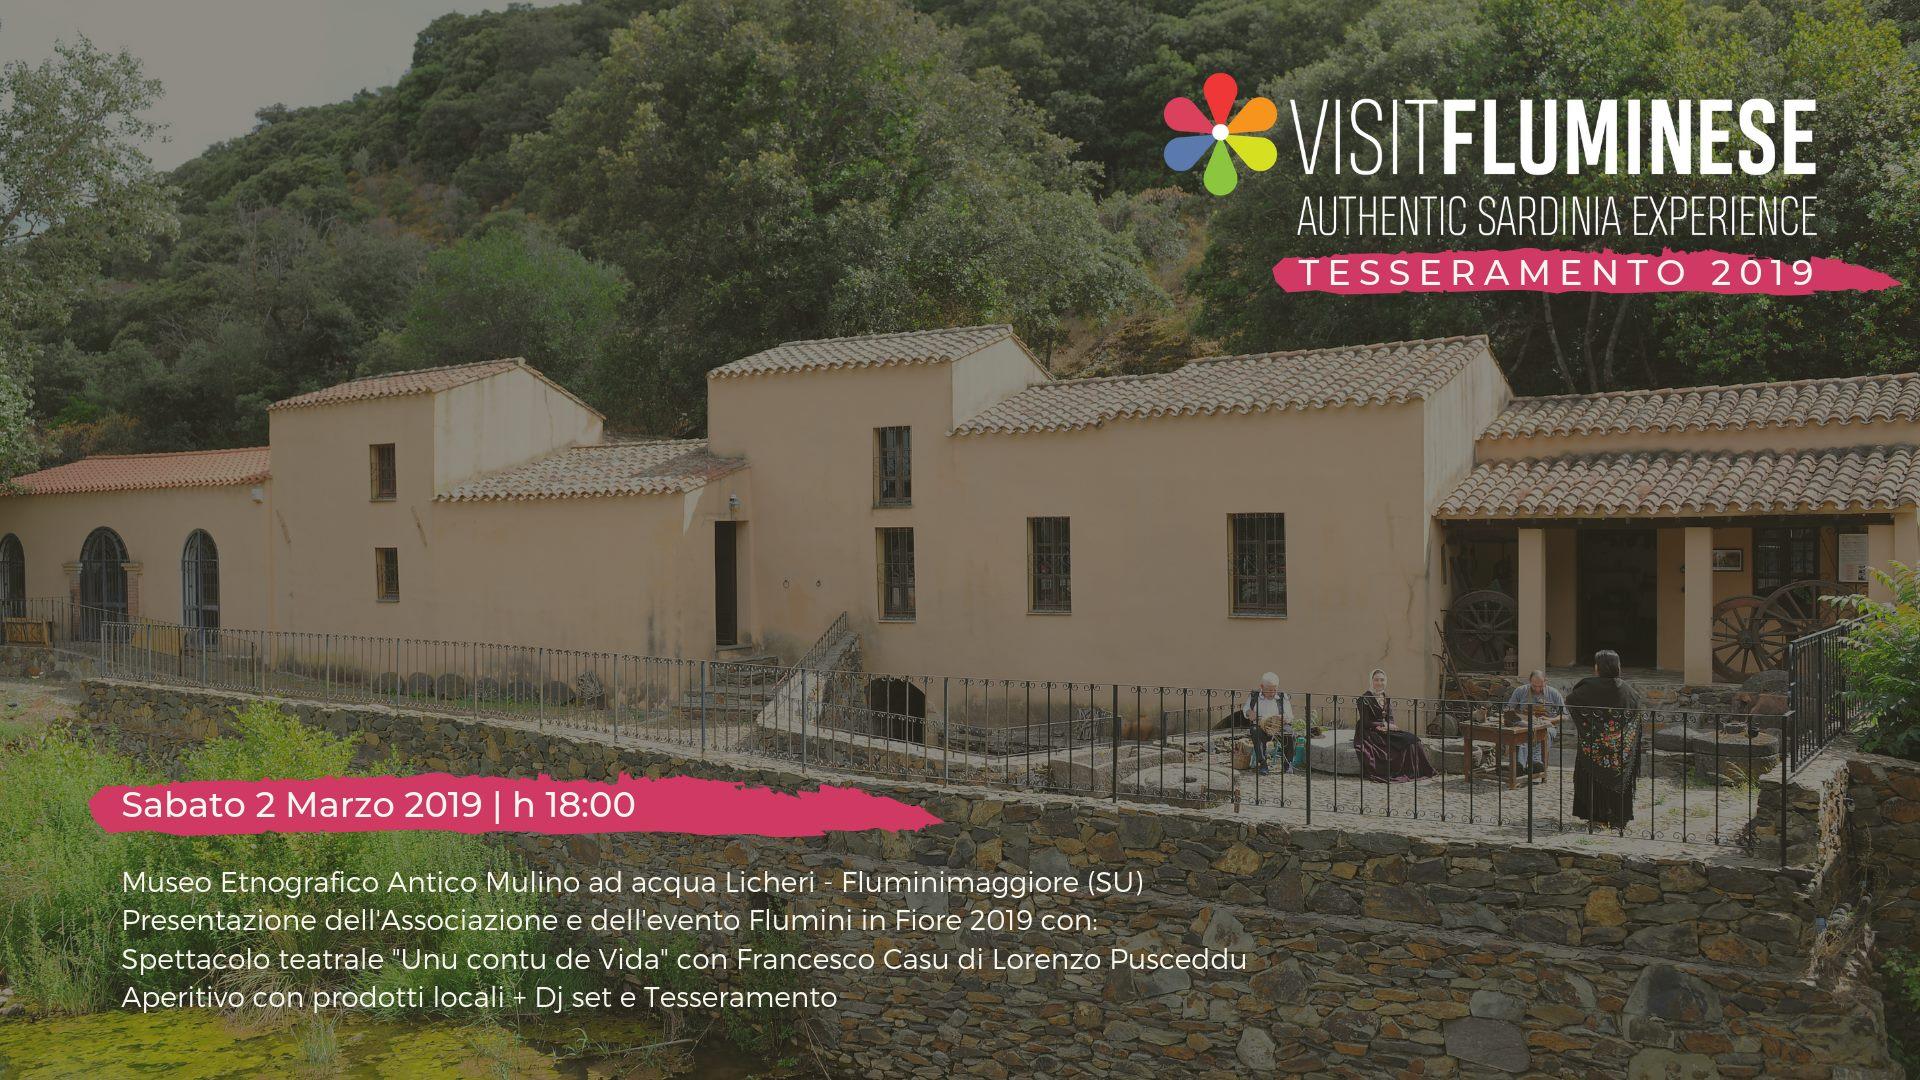 visit-fluminese-presentazione-associazione